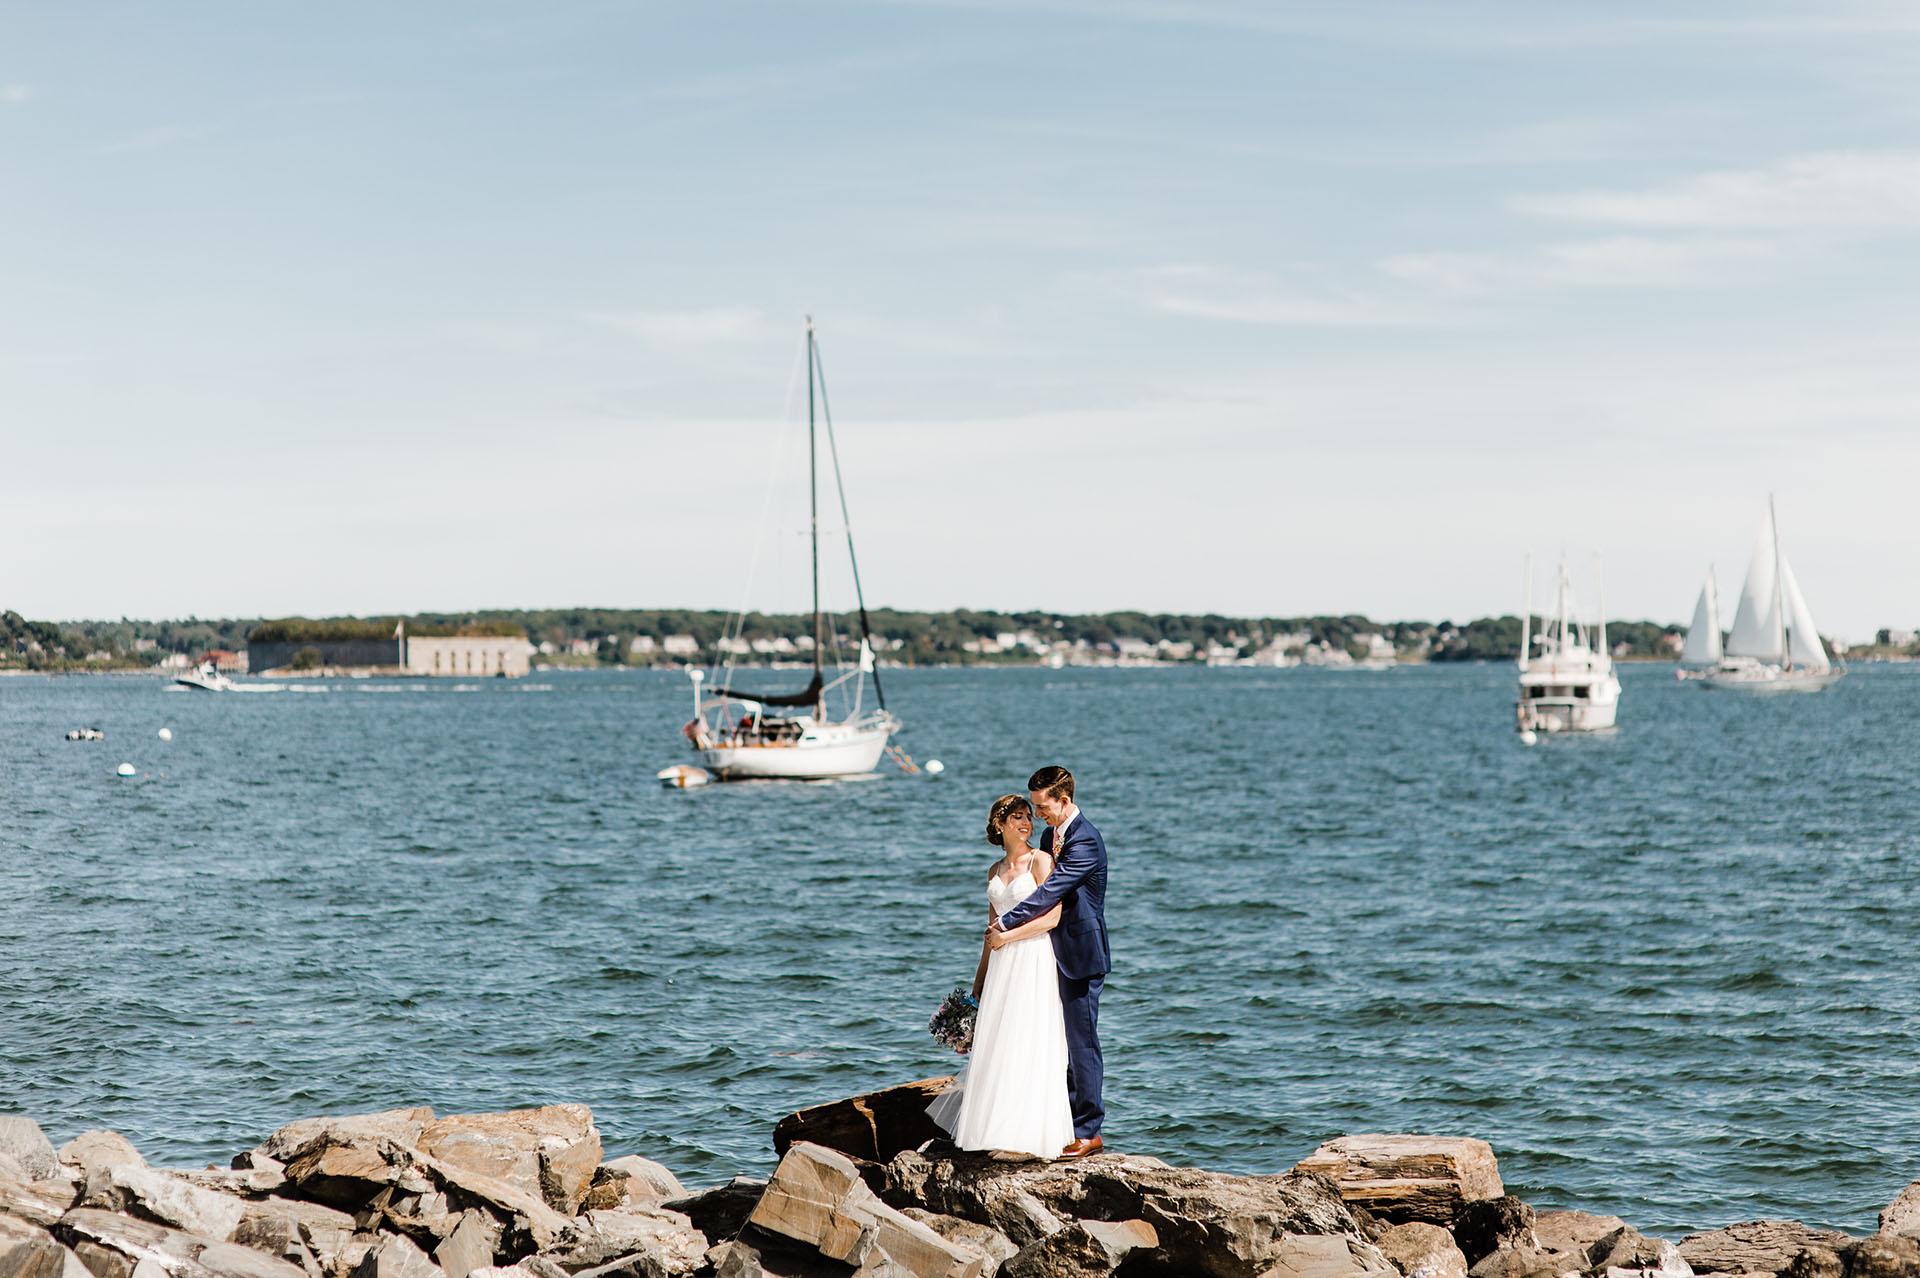 bayside-bowl-portland-wedding-17